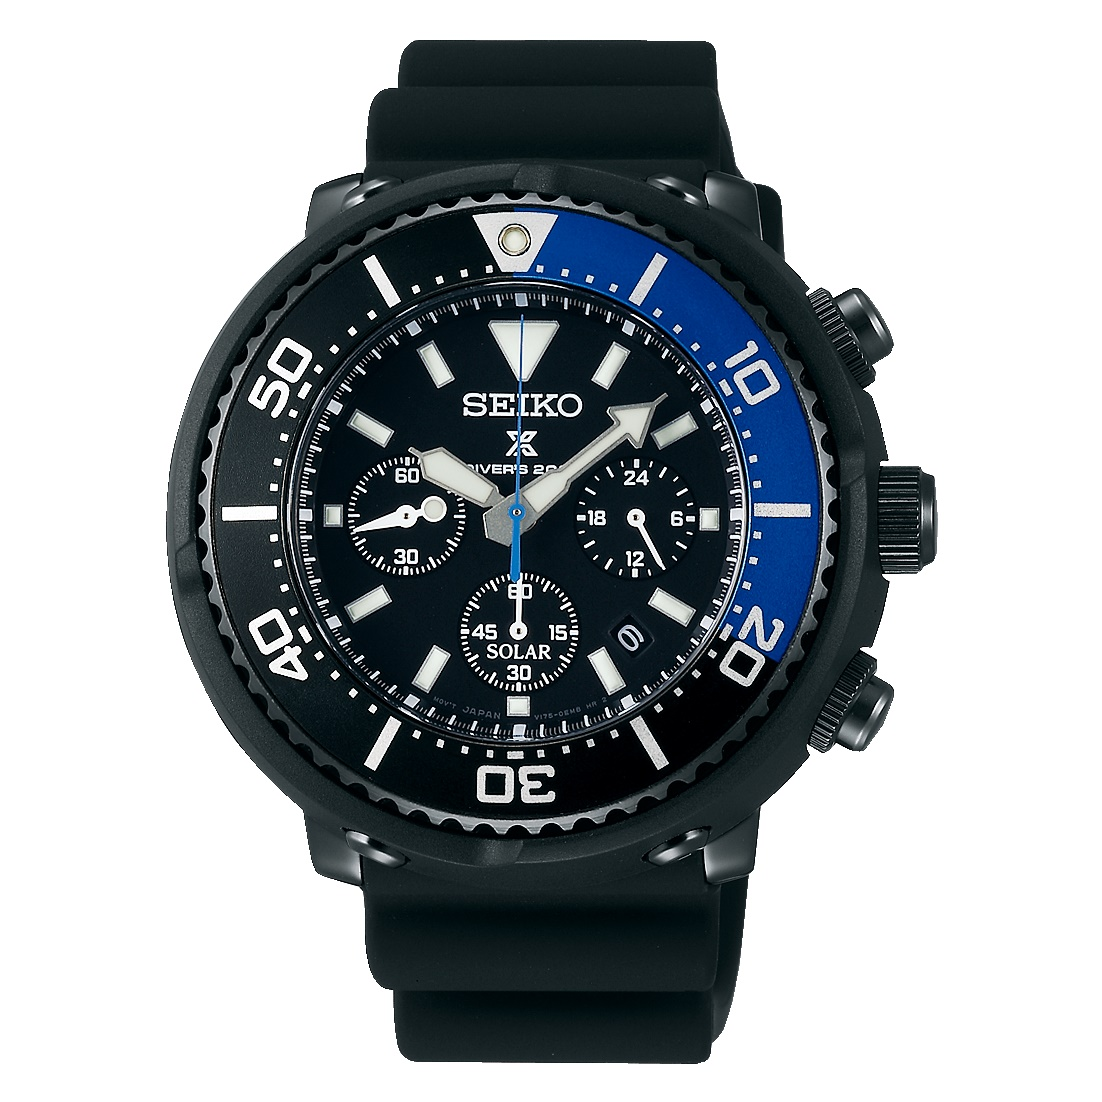 セイコー(SEIKO) 国内正規品 PROSPEX プロスペックス SBDL045 Diver Scuba 2017 Limited Edition Produced by LOWERCASE(sbdl045) 腕時計 時計